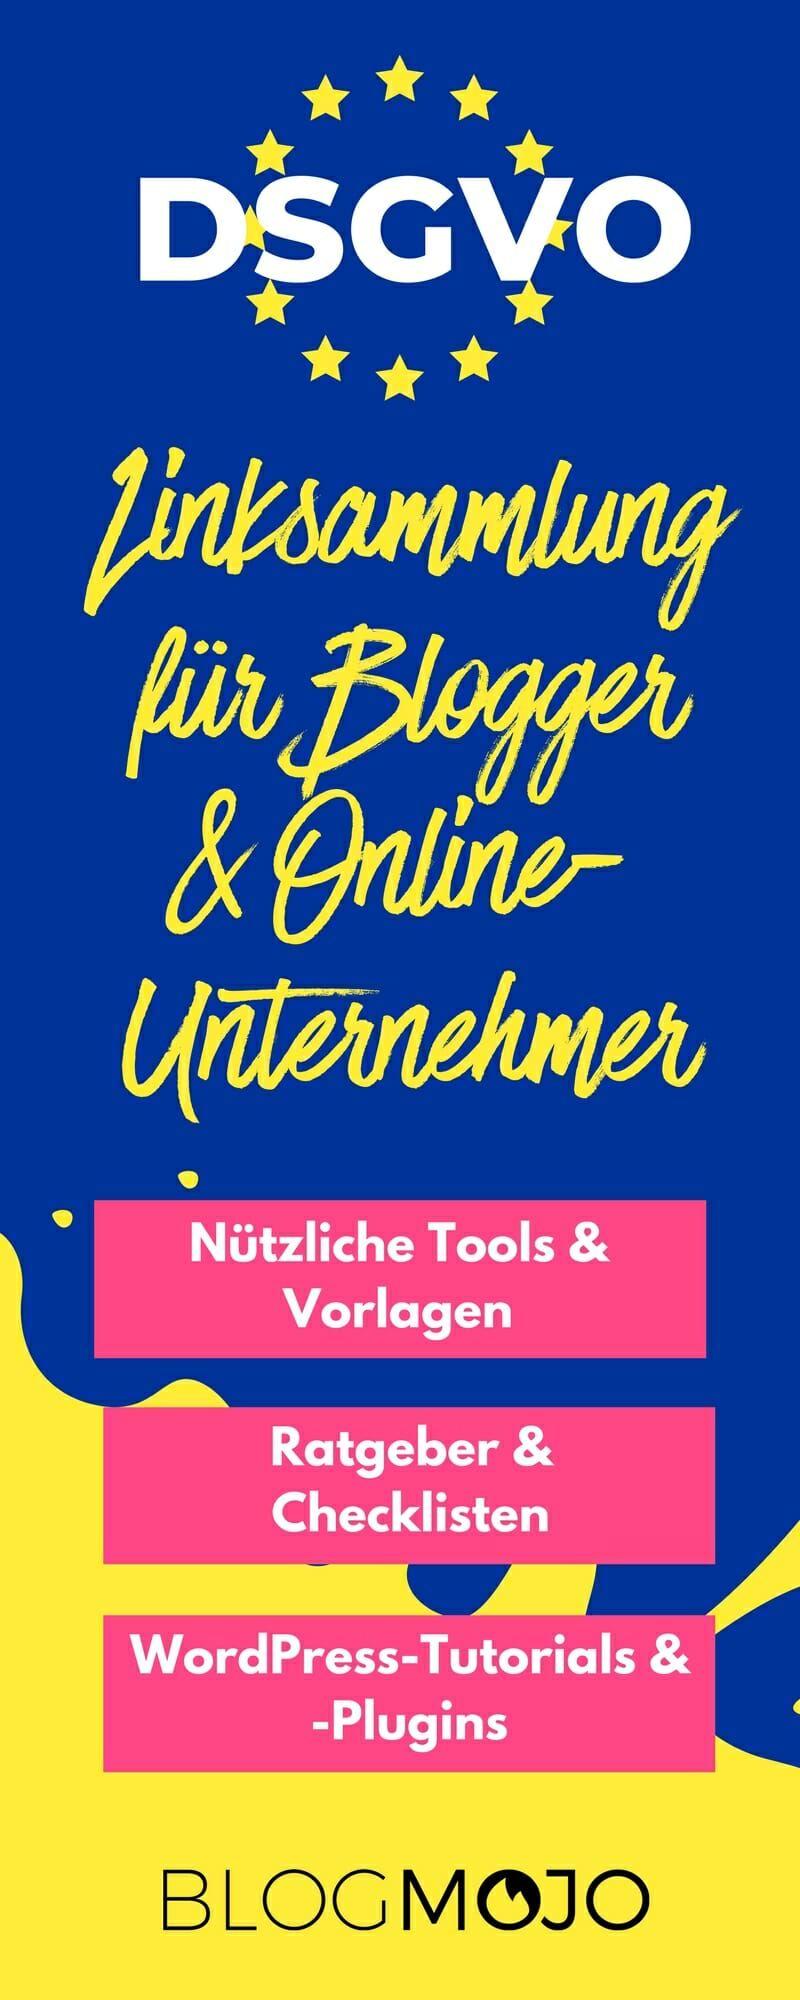 DSGVO-Linksammlung: 50+ nützliche Artikel, Tools und Vorlagen ...